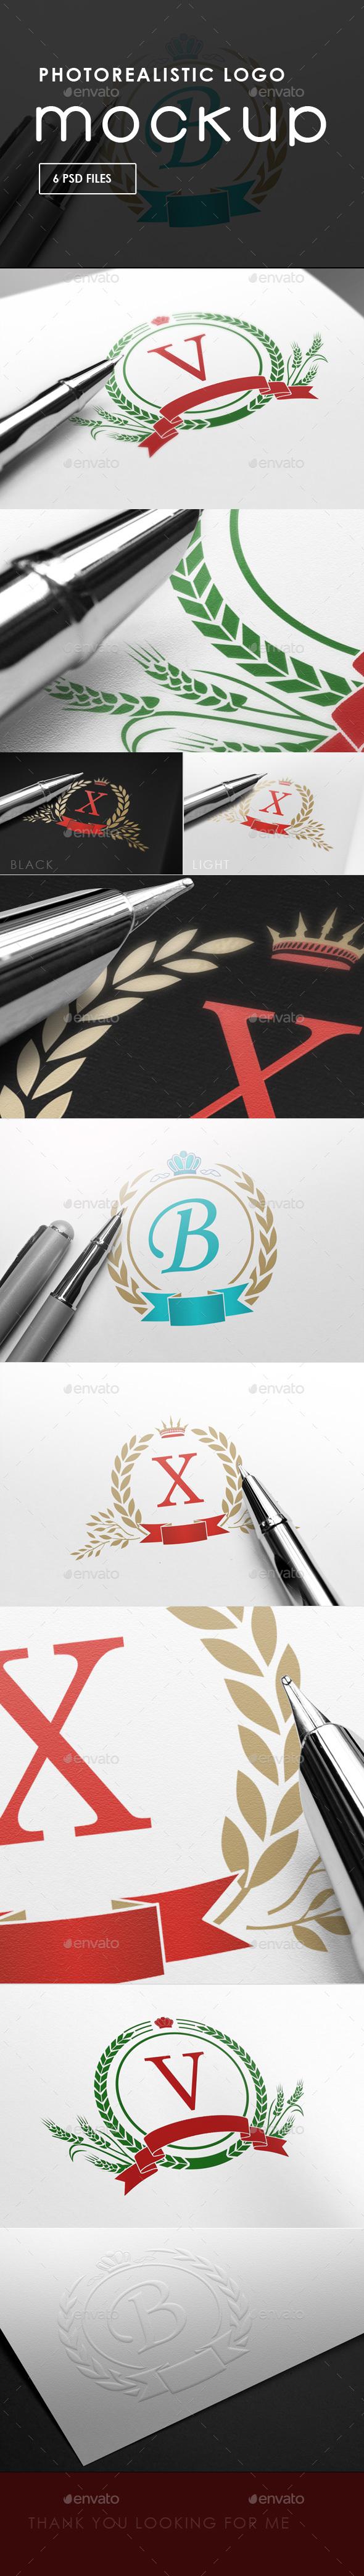 Photorealistic Logo Mock-Ups | Logo